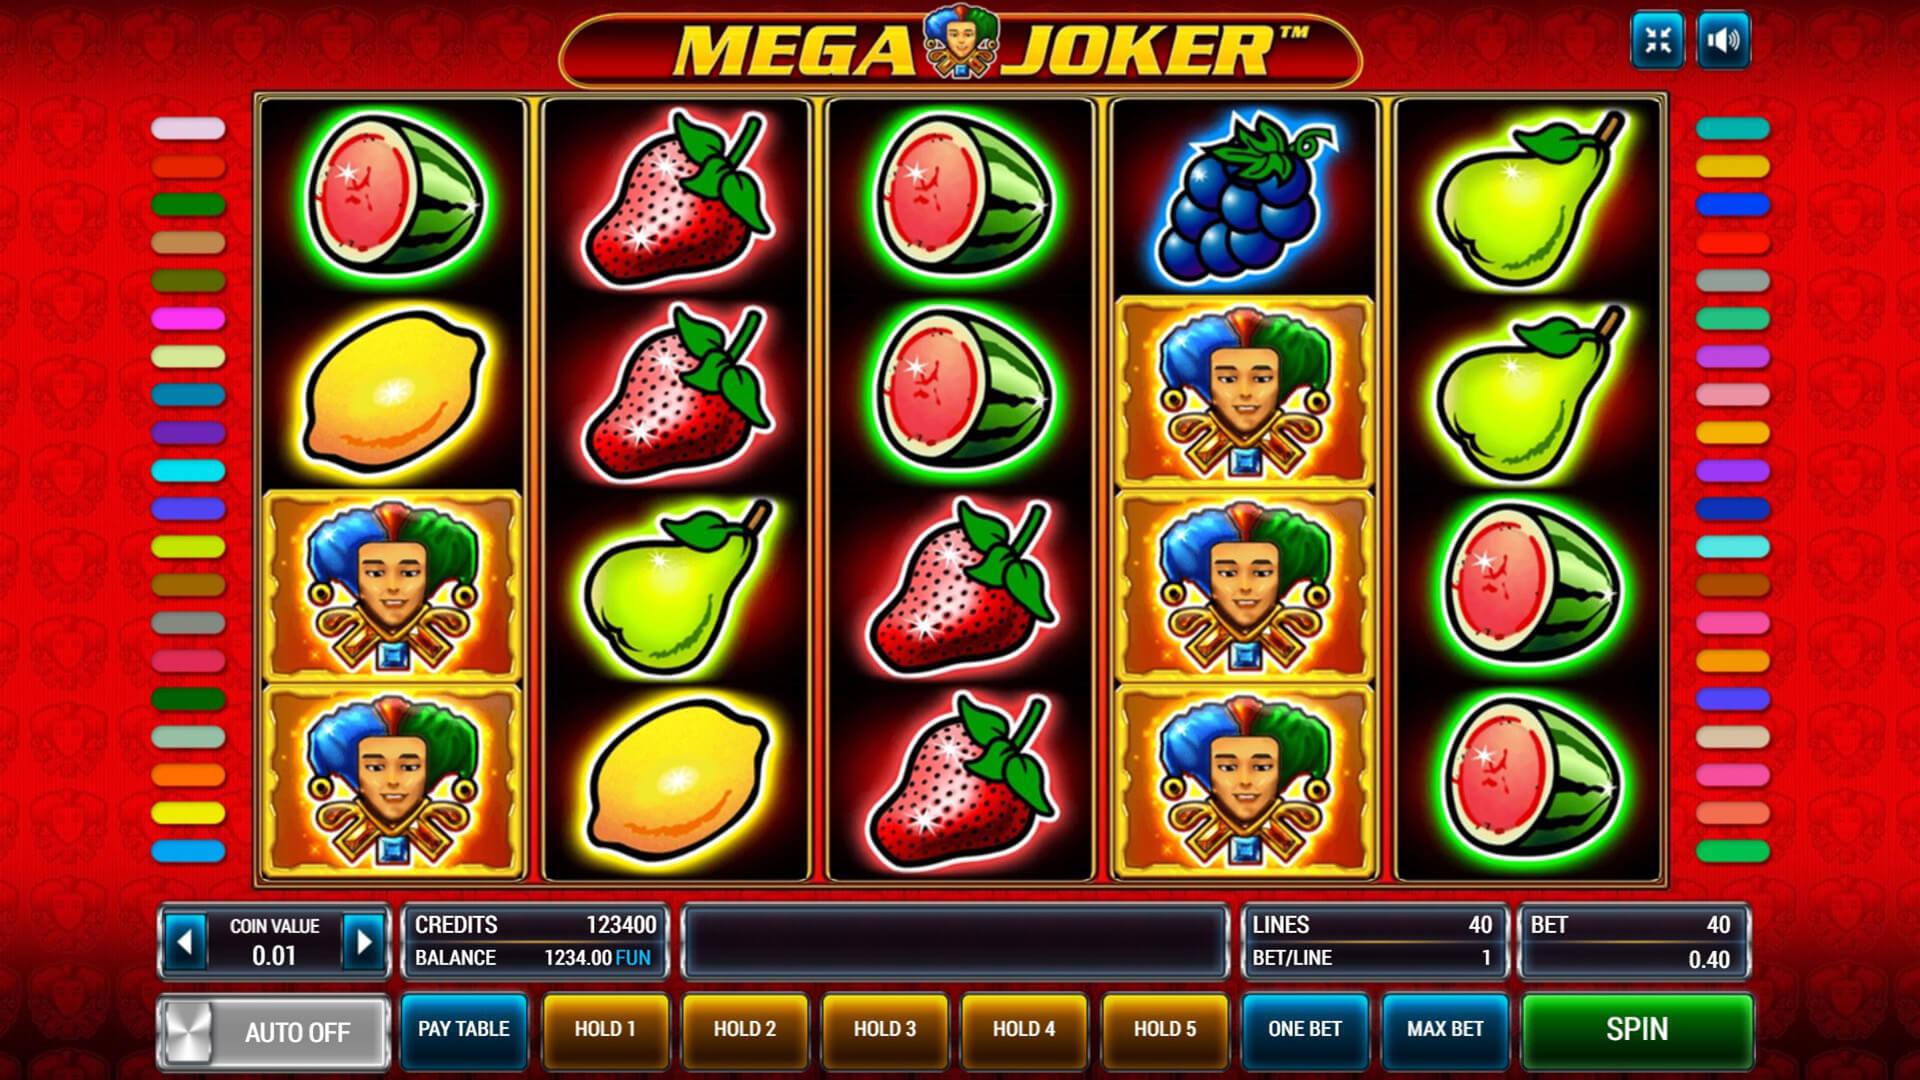 Изображение игрового автомата Mega Joker 3